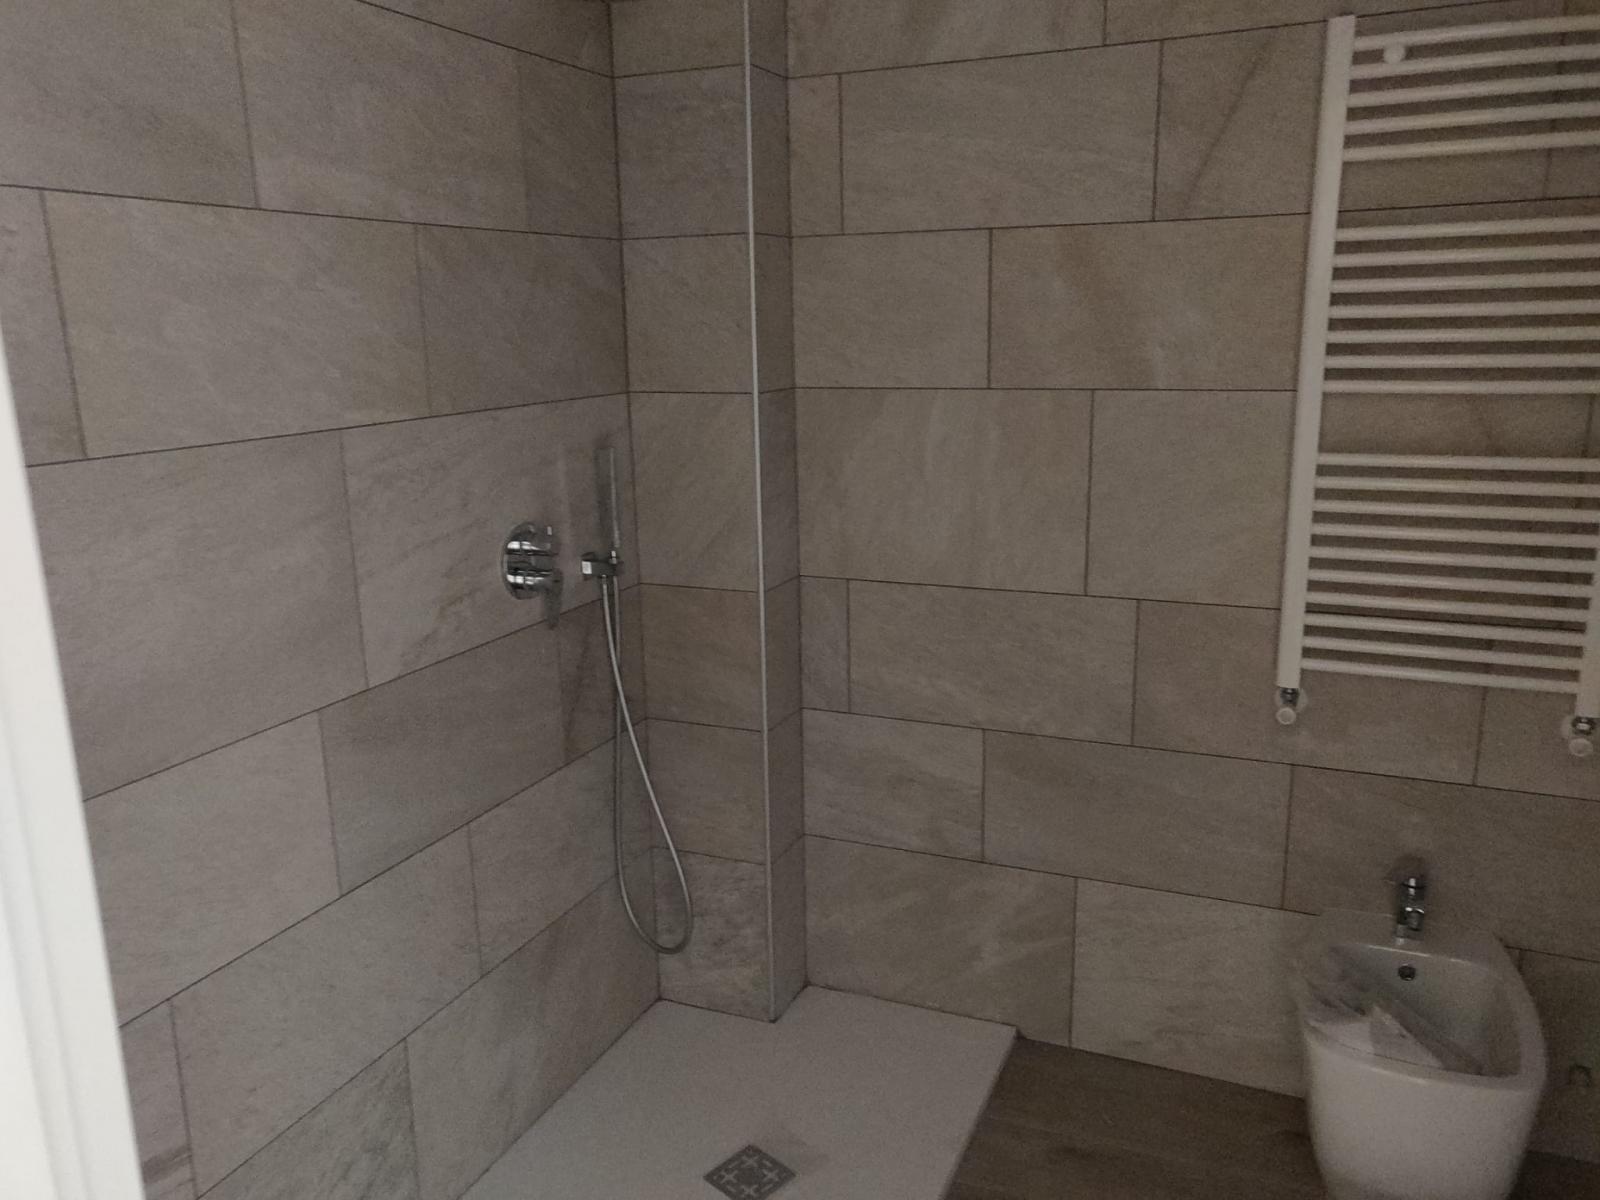 appartamento-in-vendita-baggio-milano-spaziourbano-immobiliare-vende-2-locali-bilocale-5